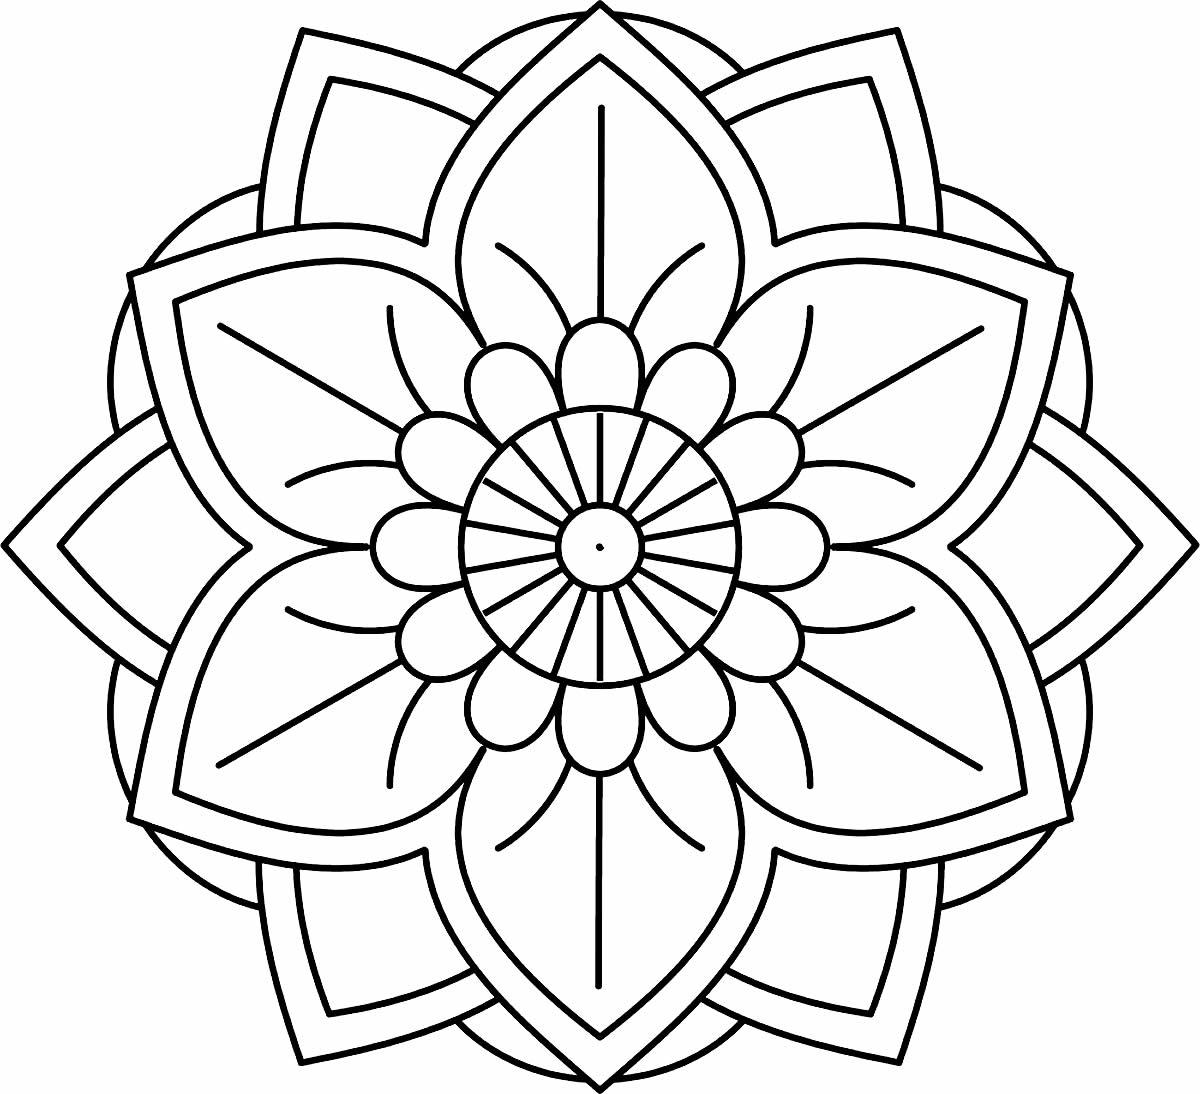 Mandala criativa para colorir